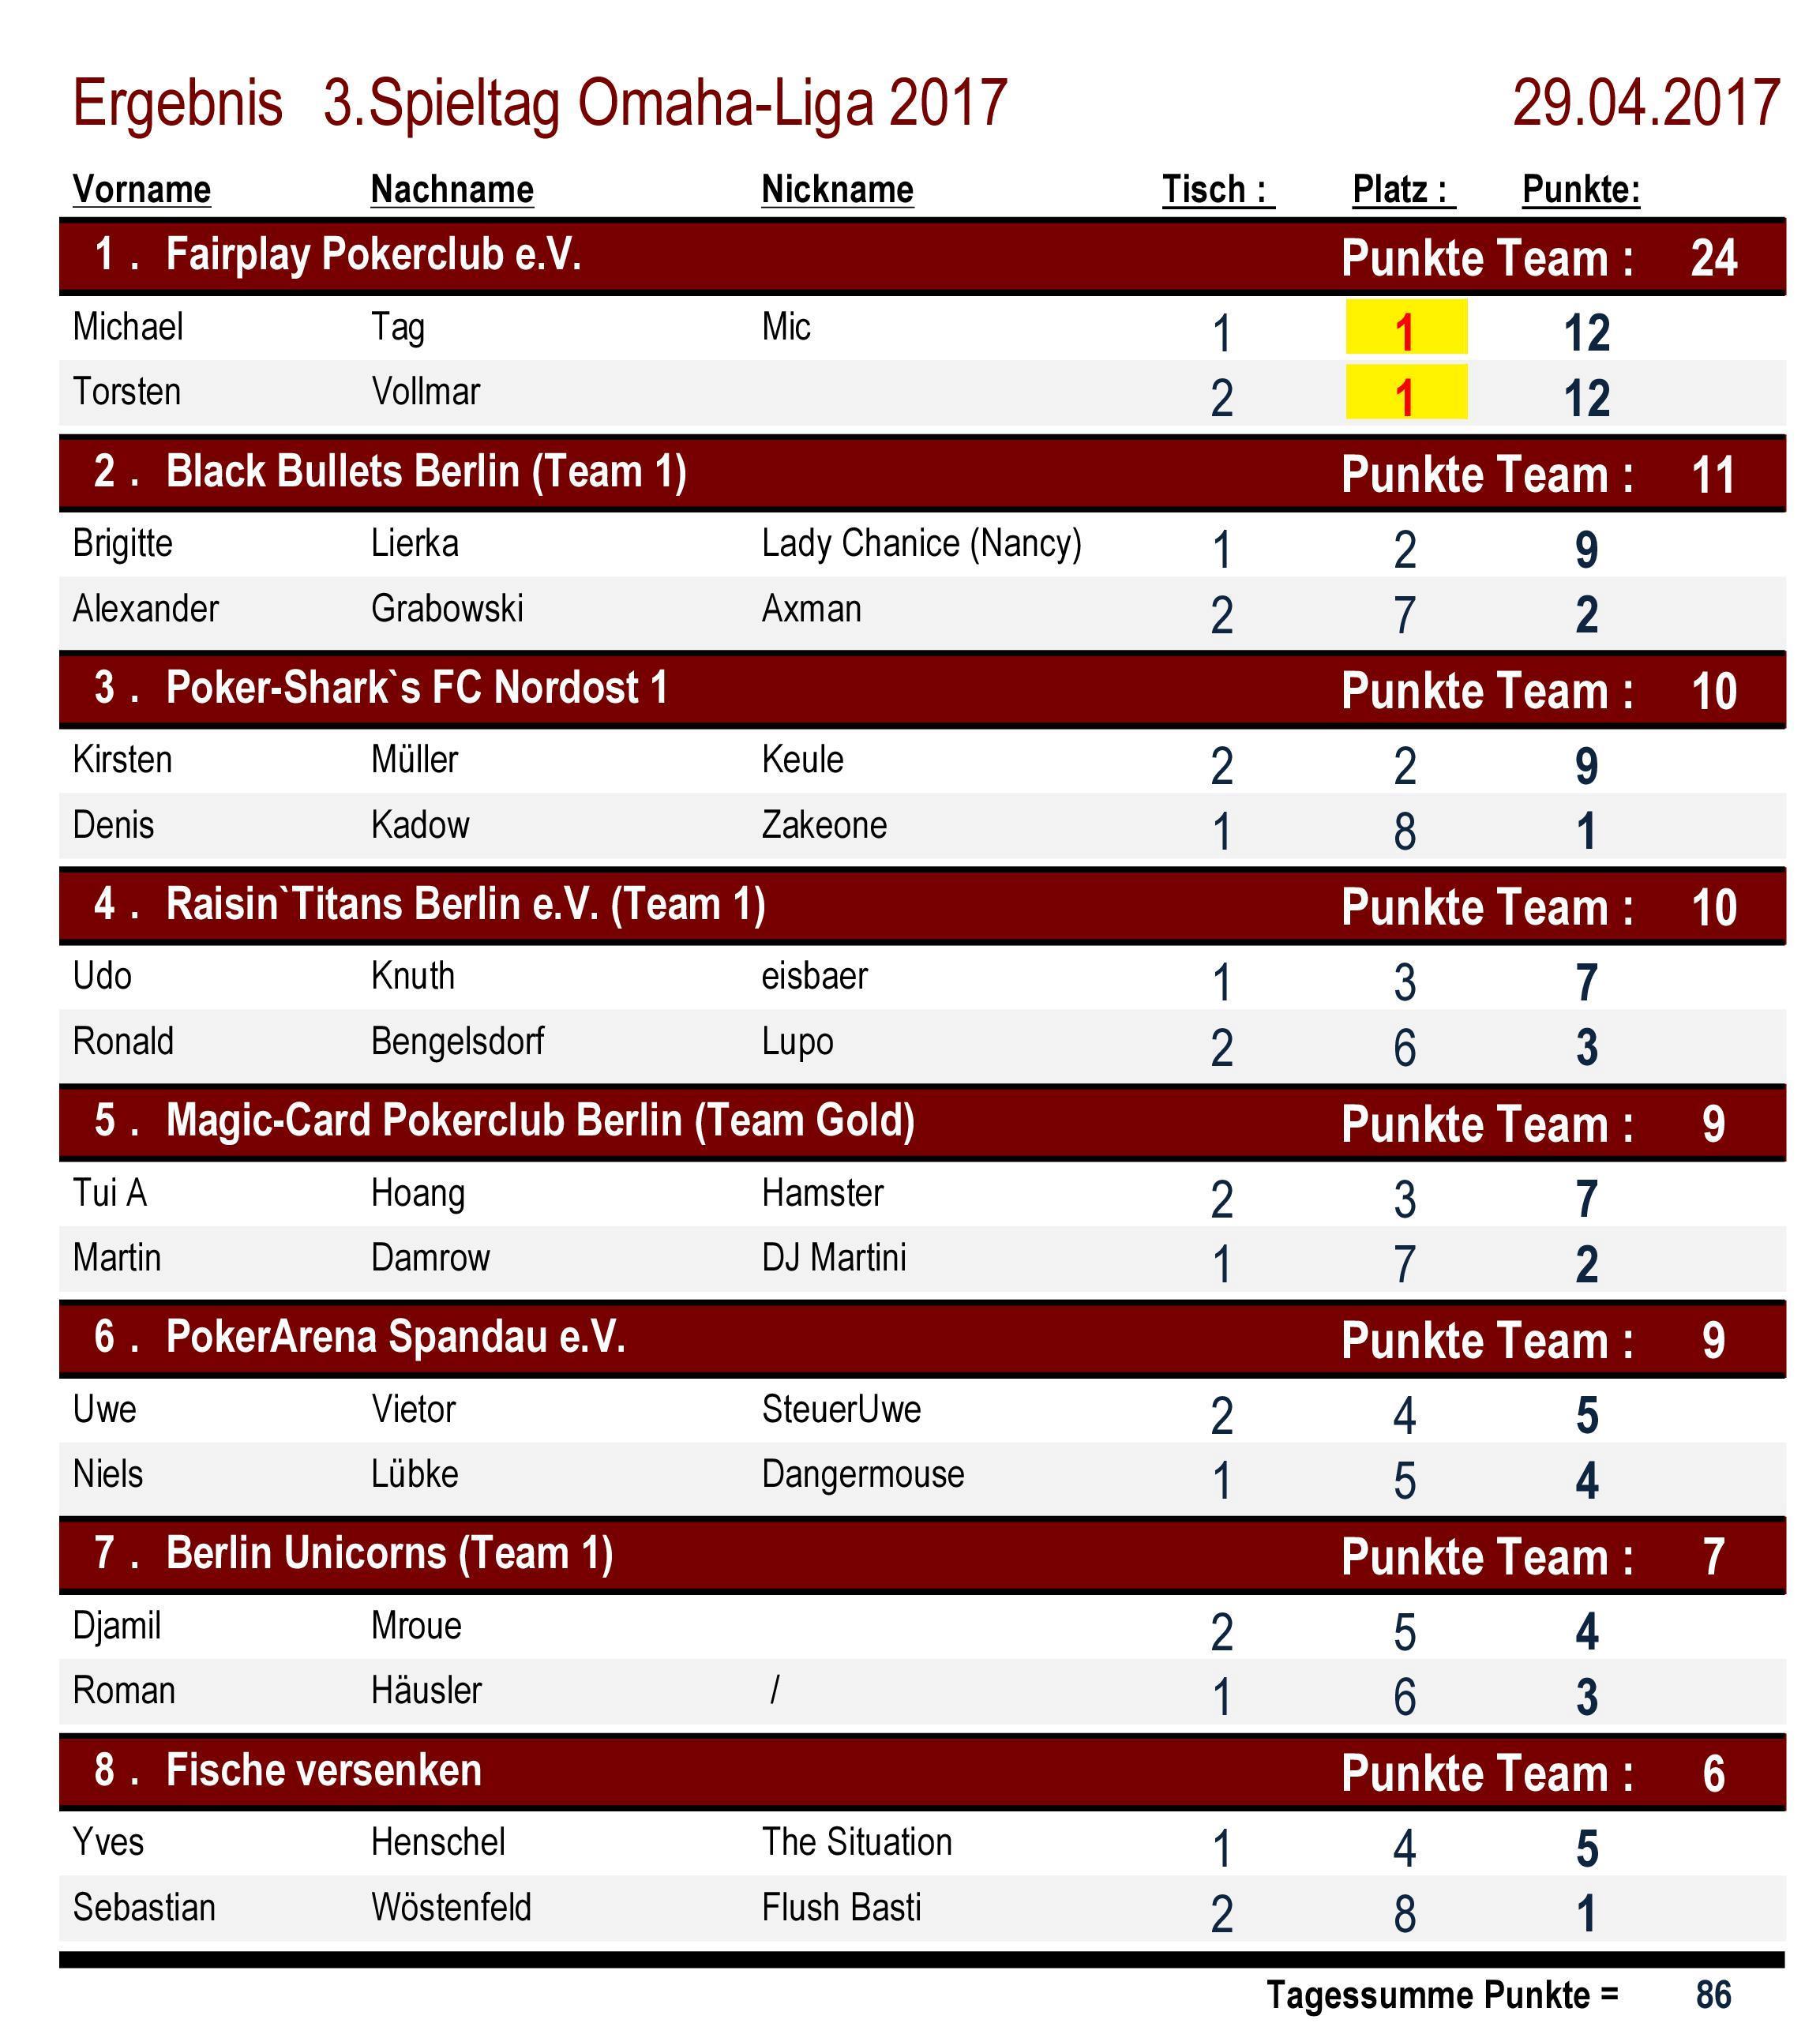 Platzierungen Omaha-Liga 3.Spieltag 2017